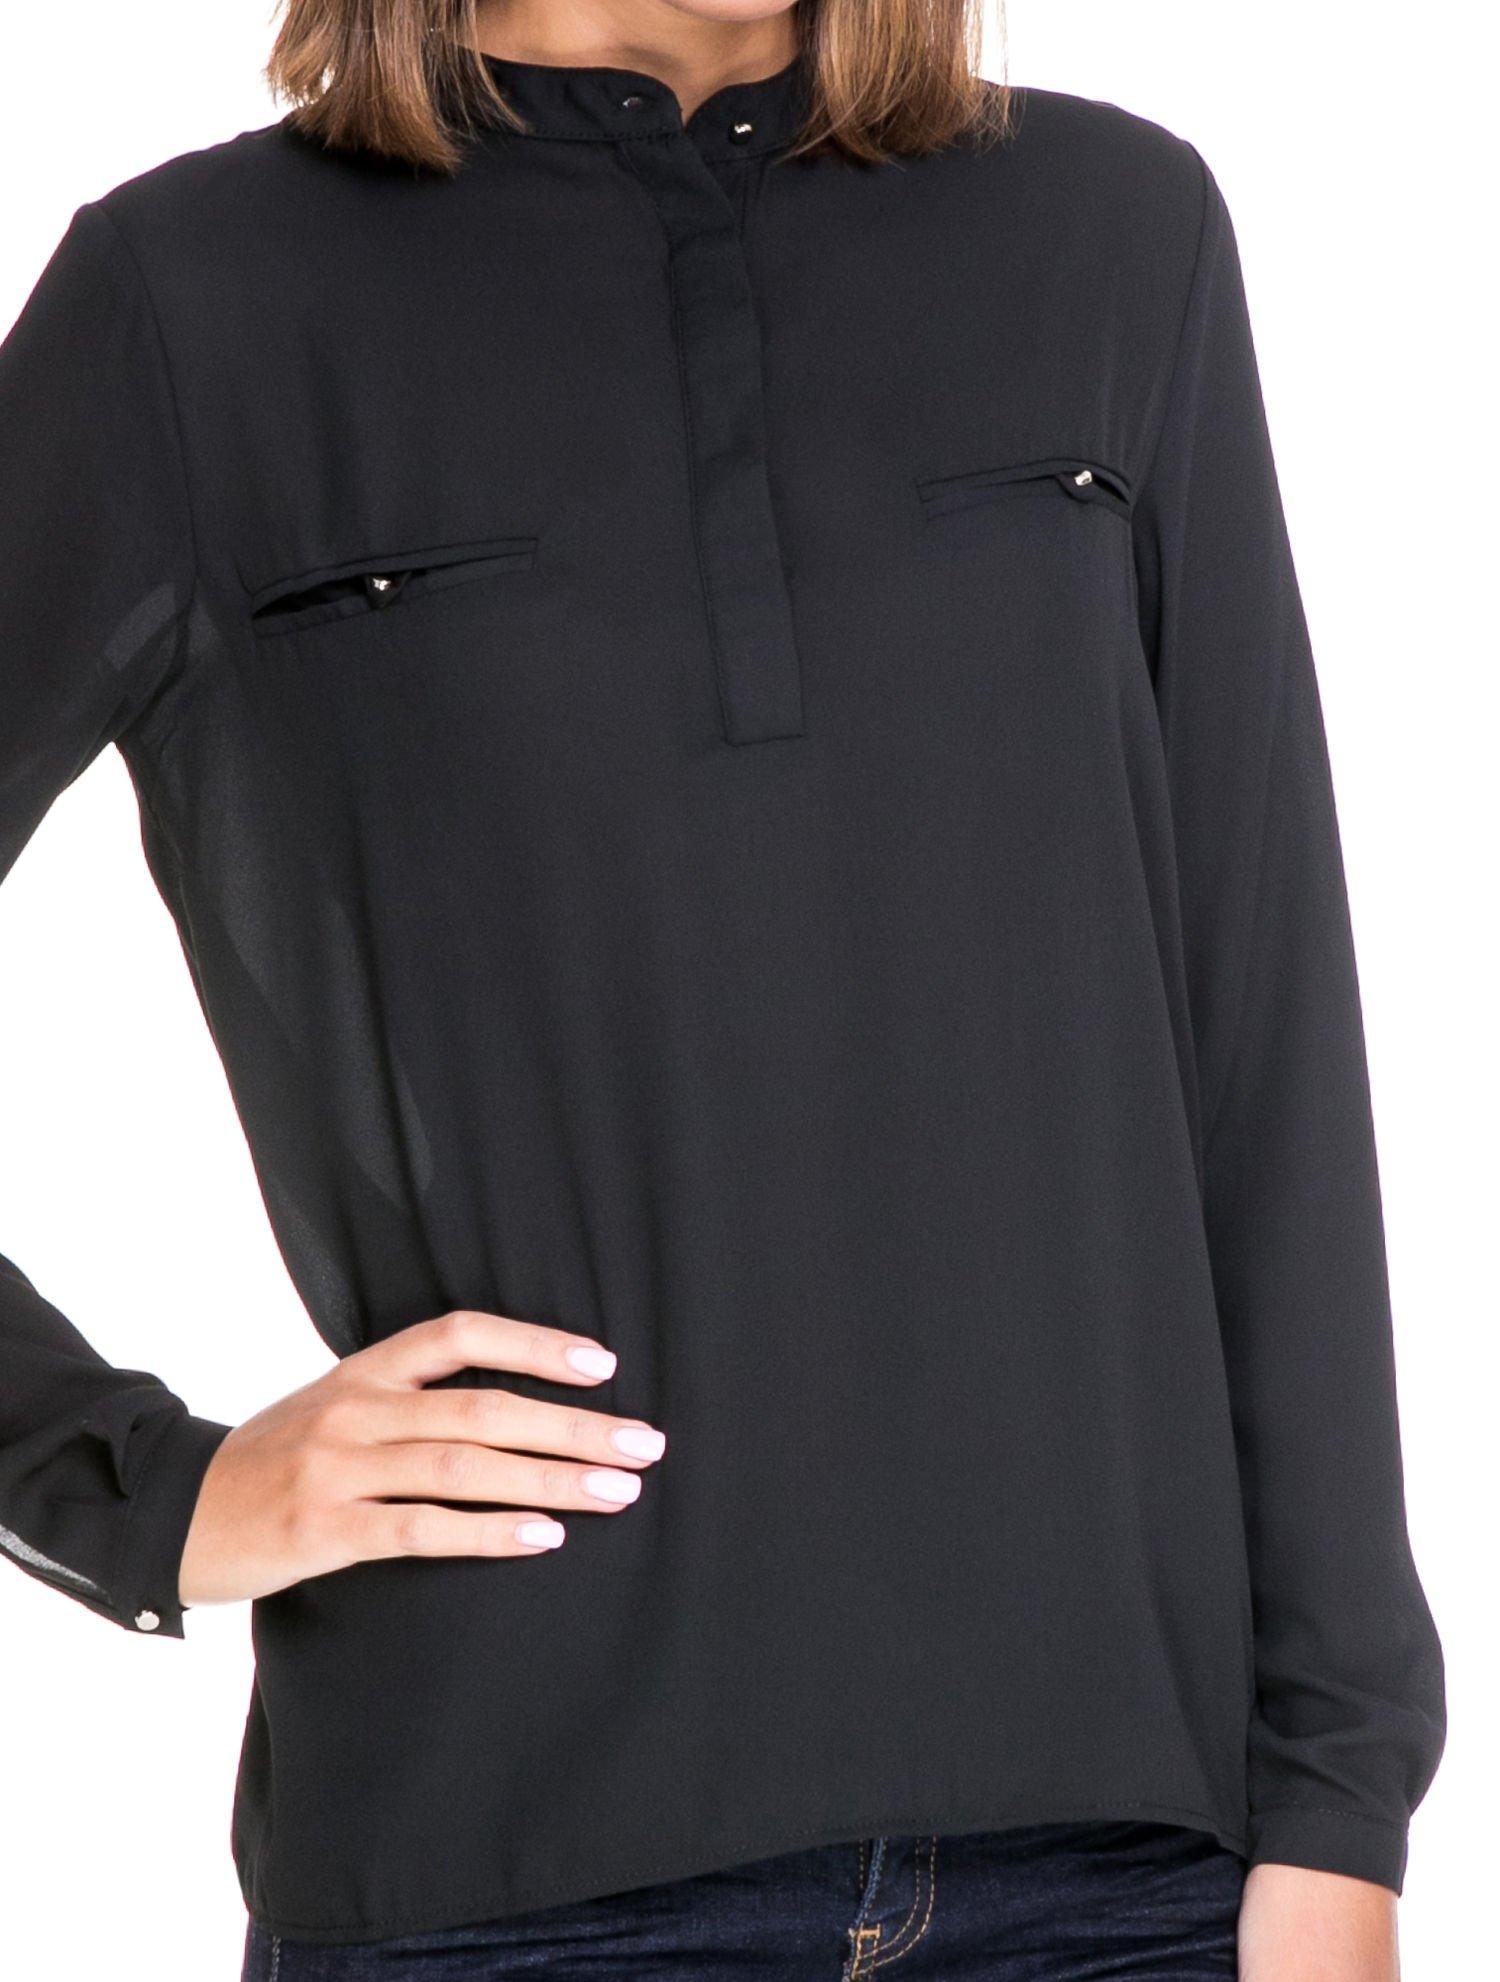 Czarna koszula ze stójką i kieszonkami na guziczki                                  zdj.                                  5